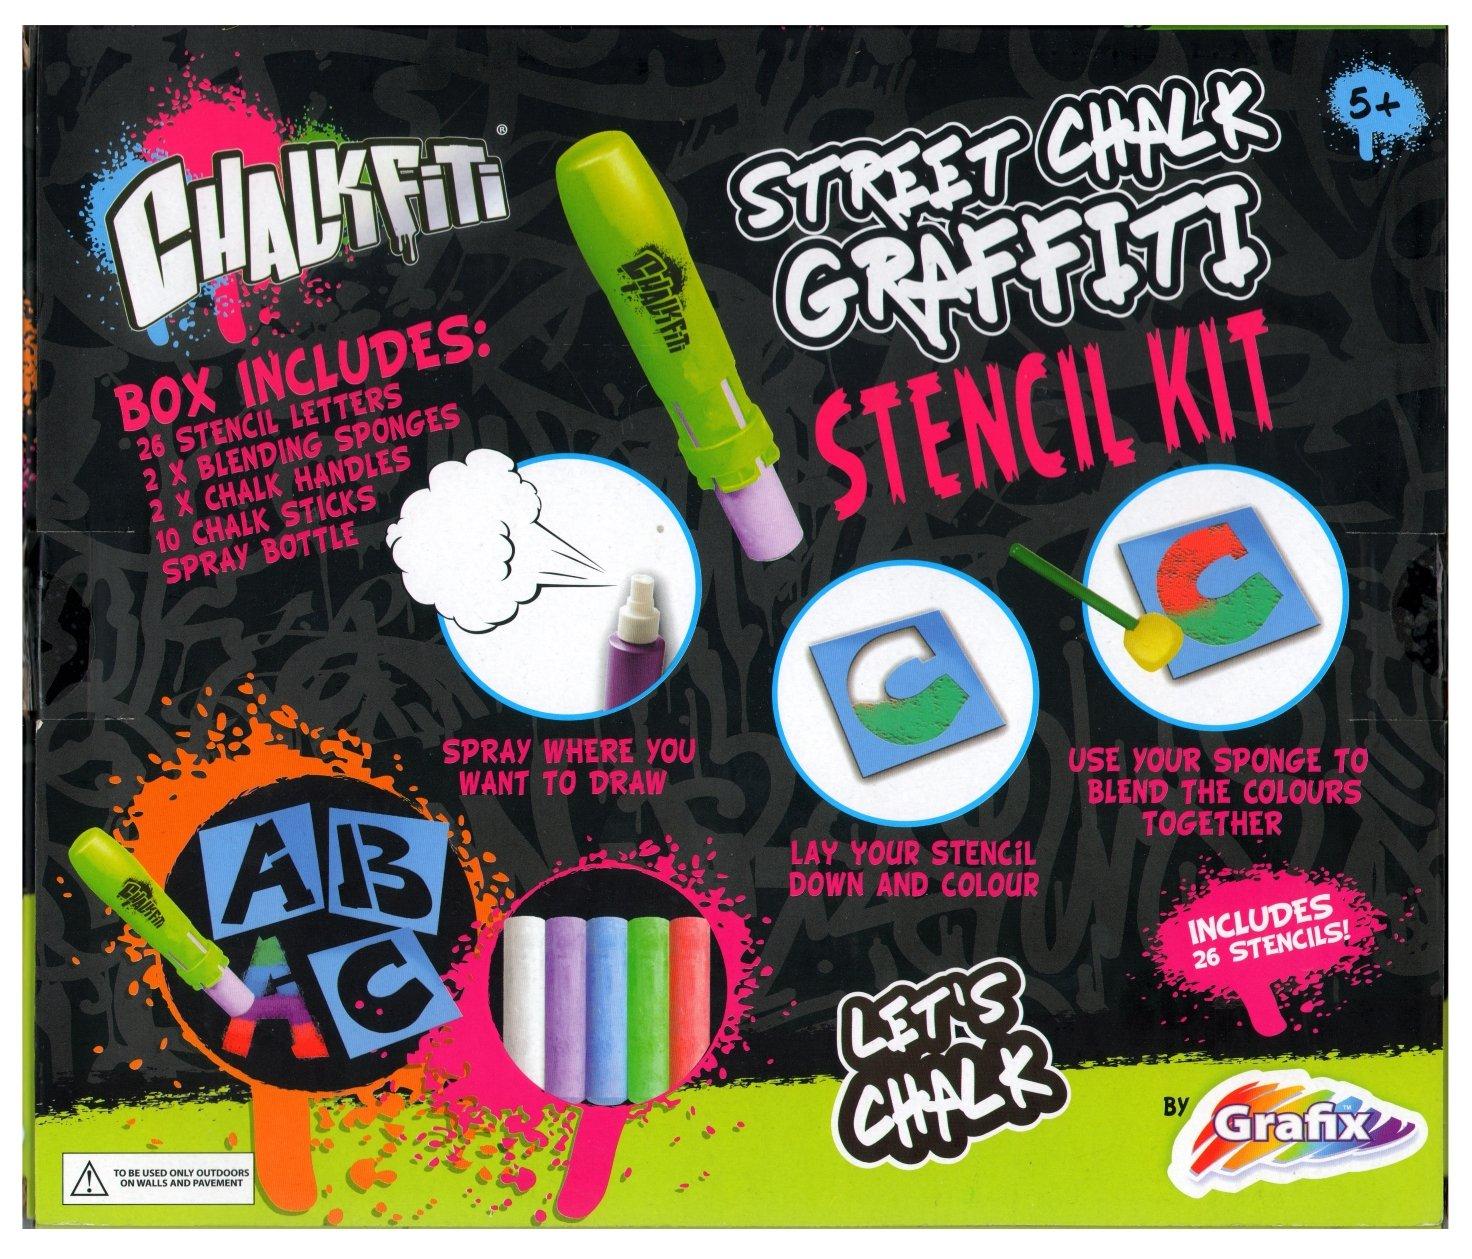 RMS Grafix Chalkfiti Street Chalk Graffiti Stencil Kit